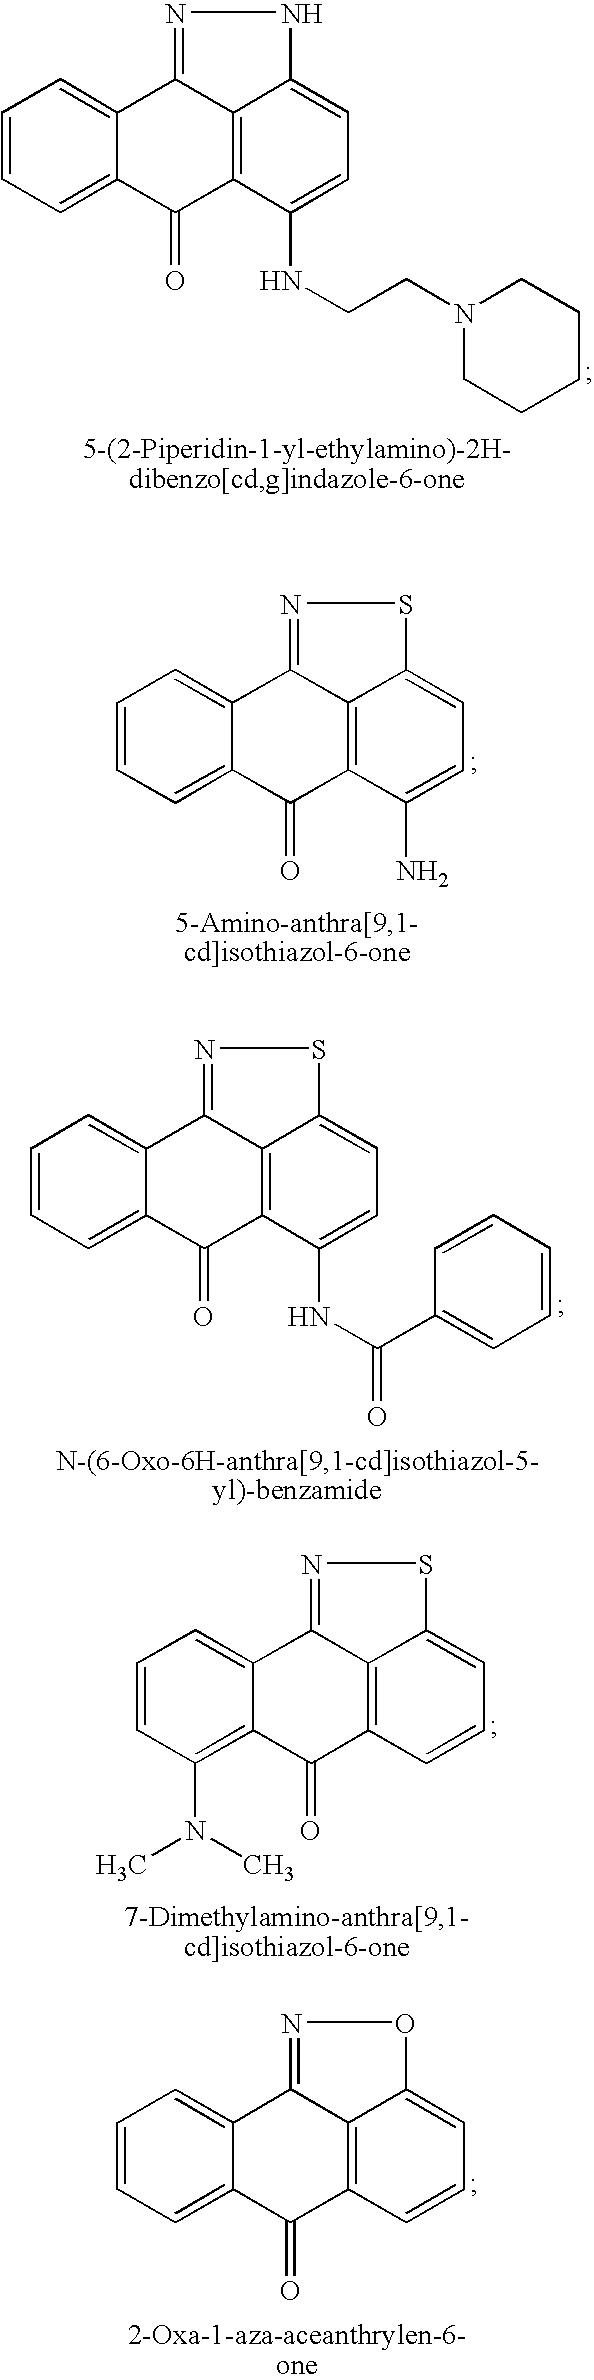 Figure US09598669-20170321-C00051